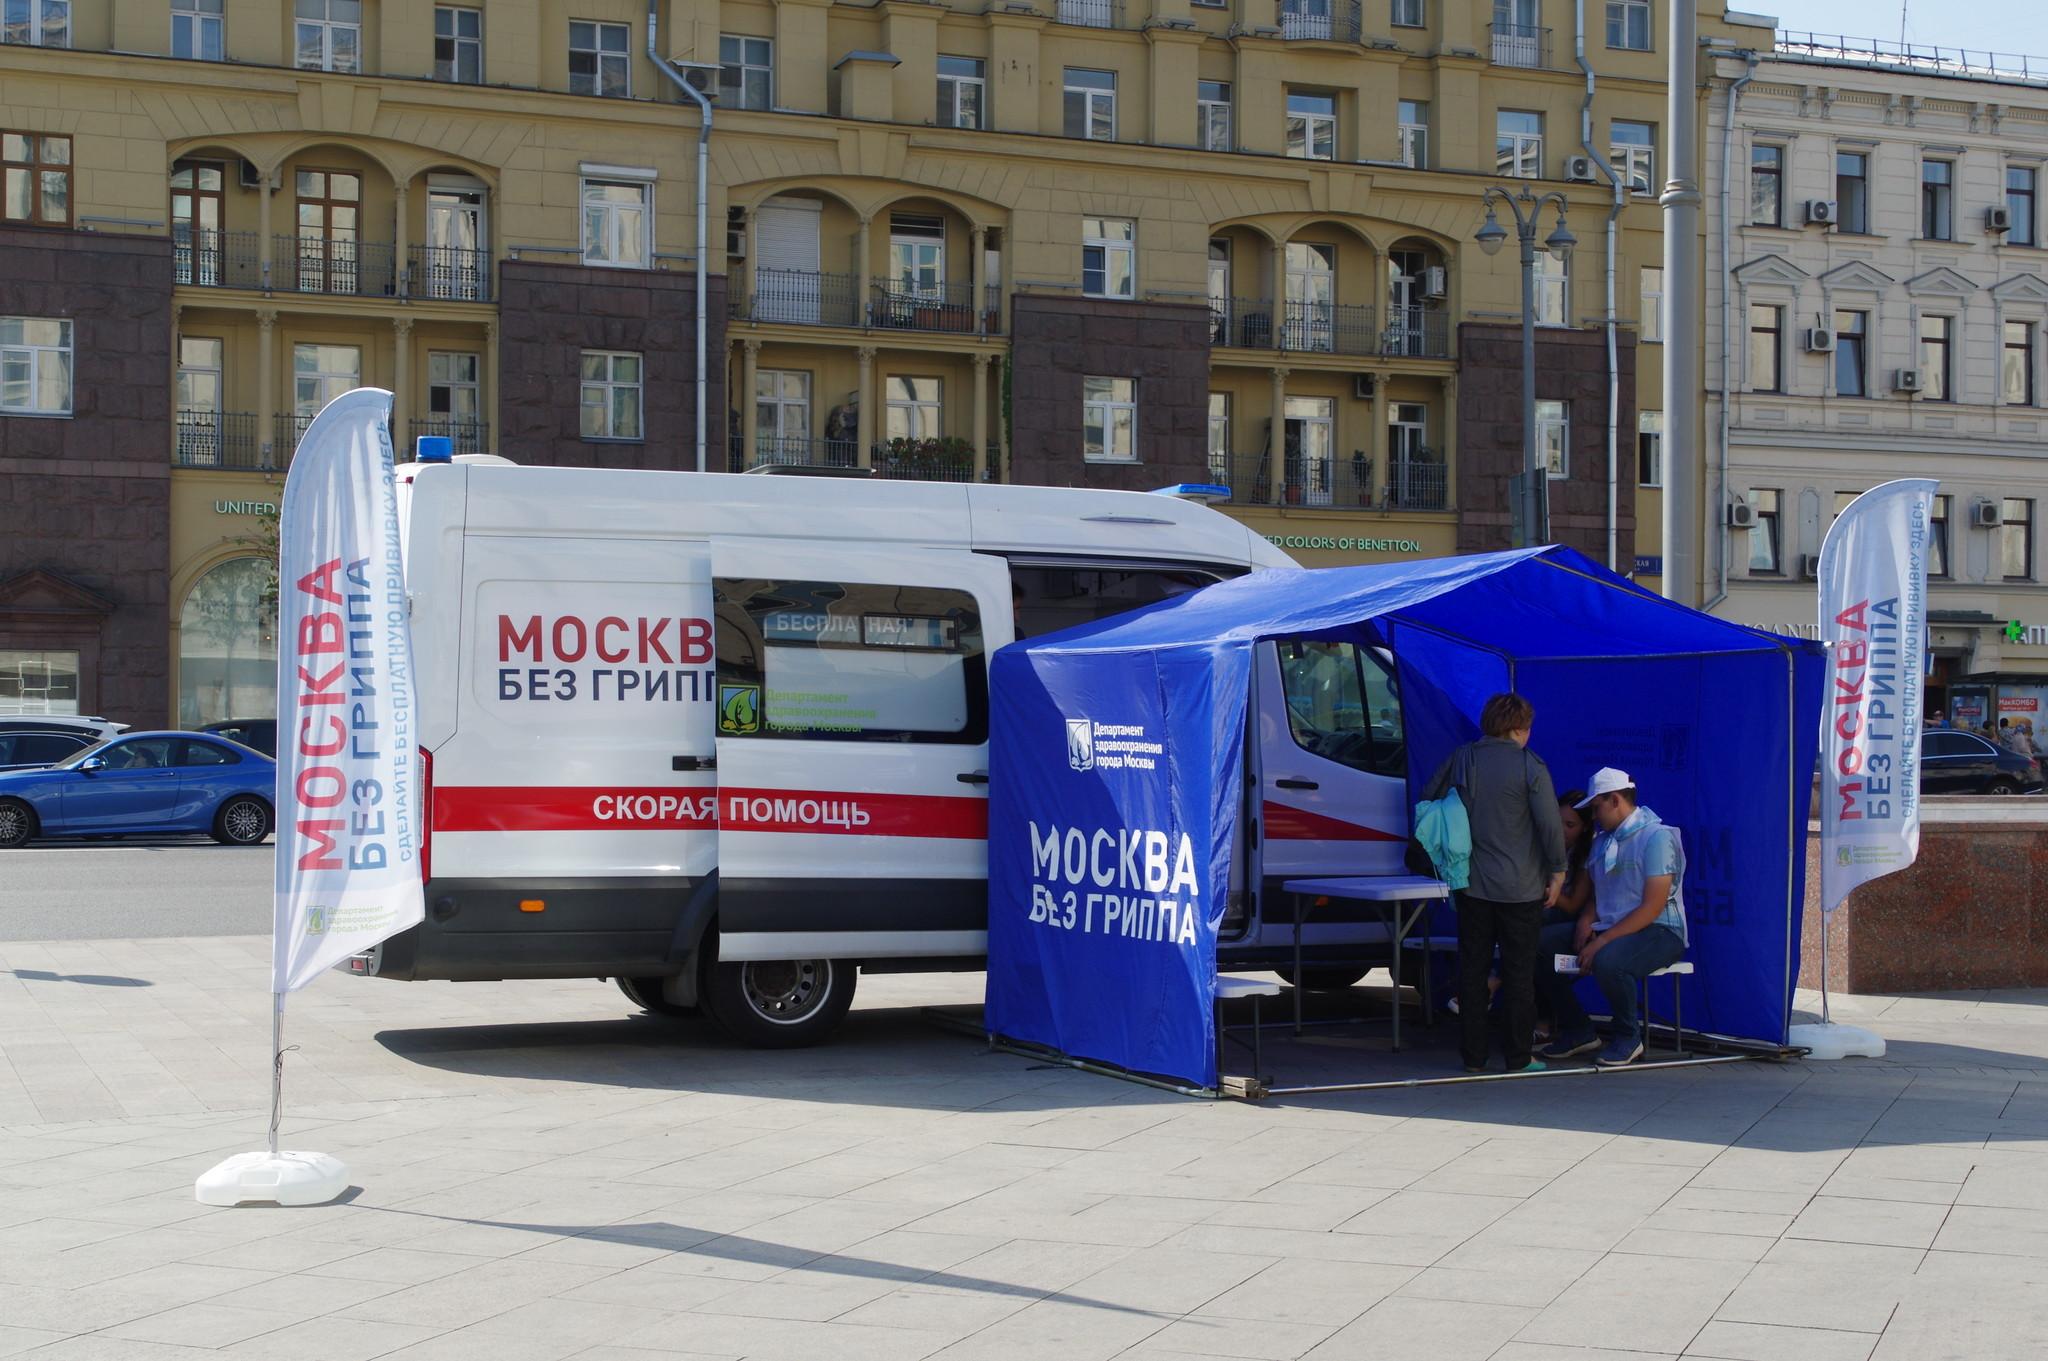 Мобильный пункт вакцинации против гриппа на Тверской улице